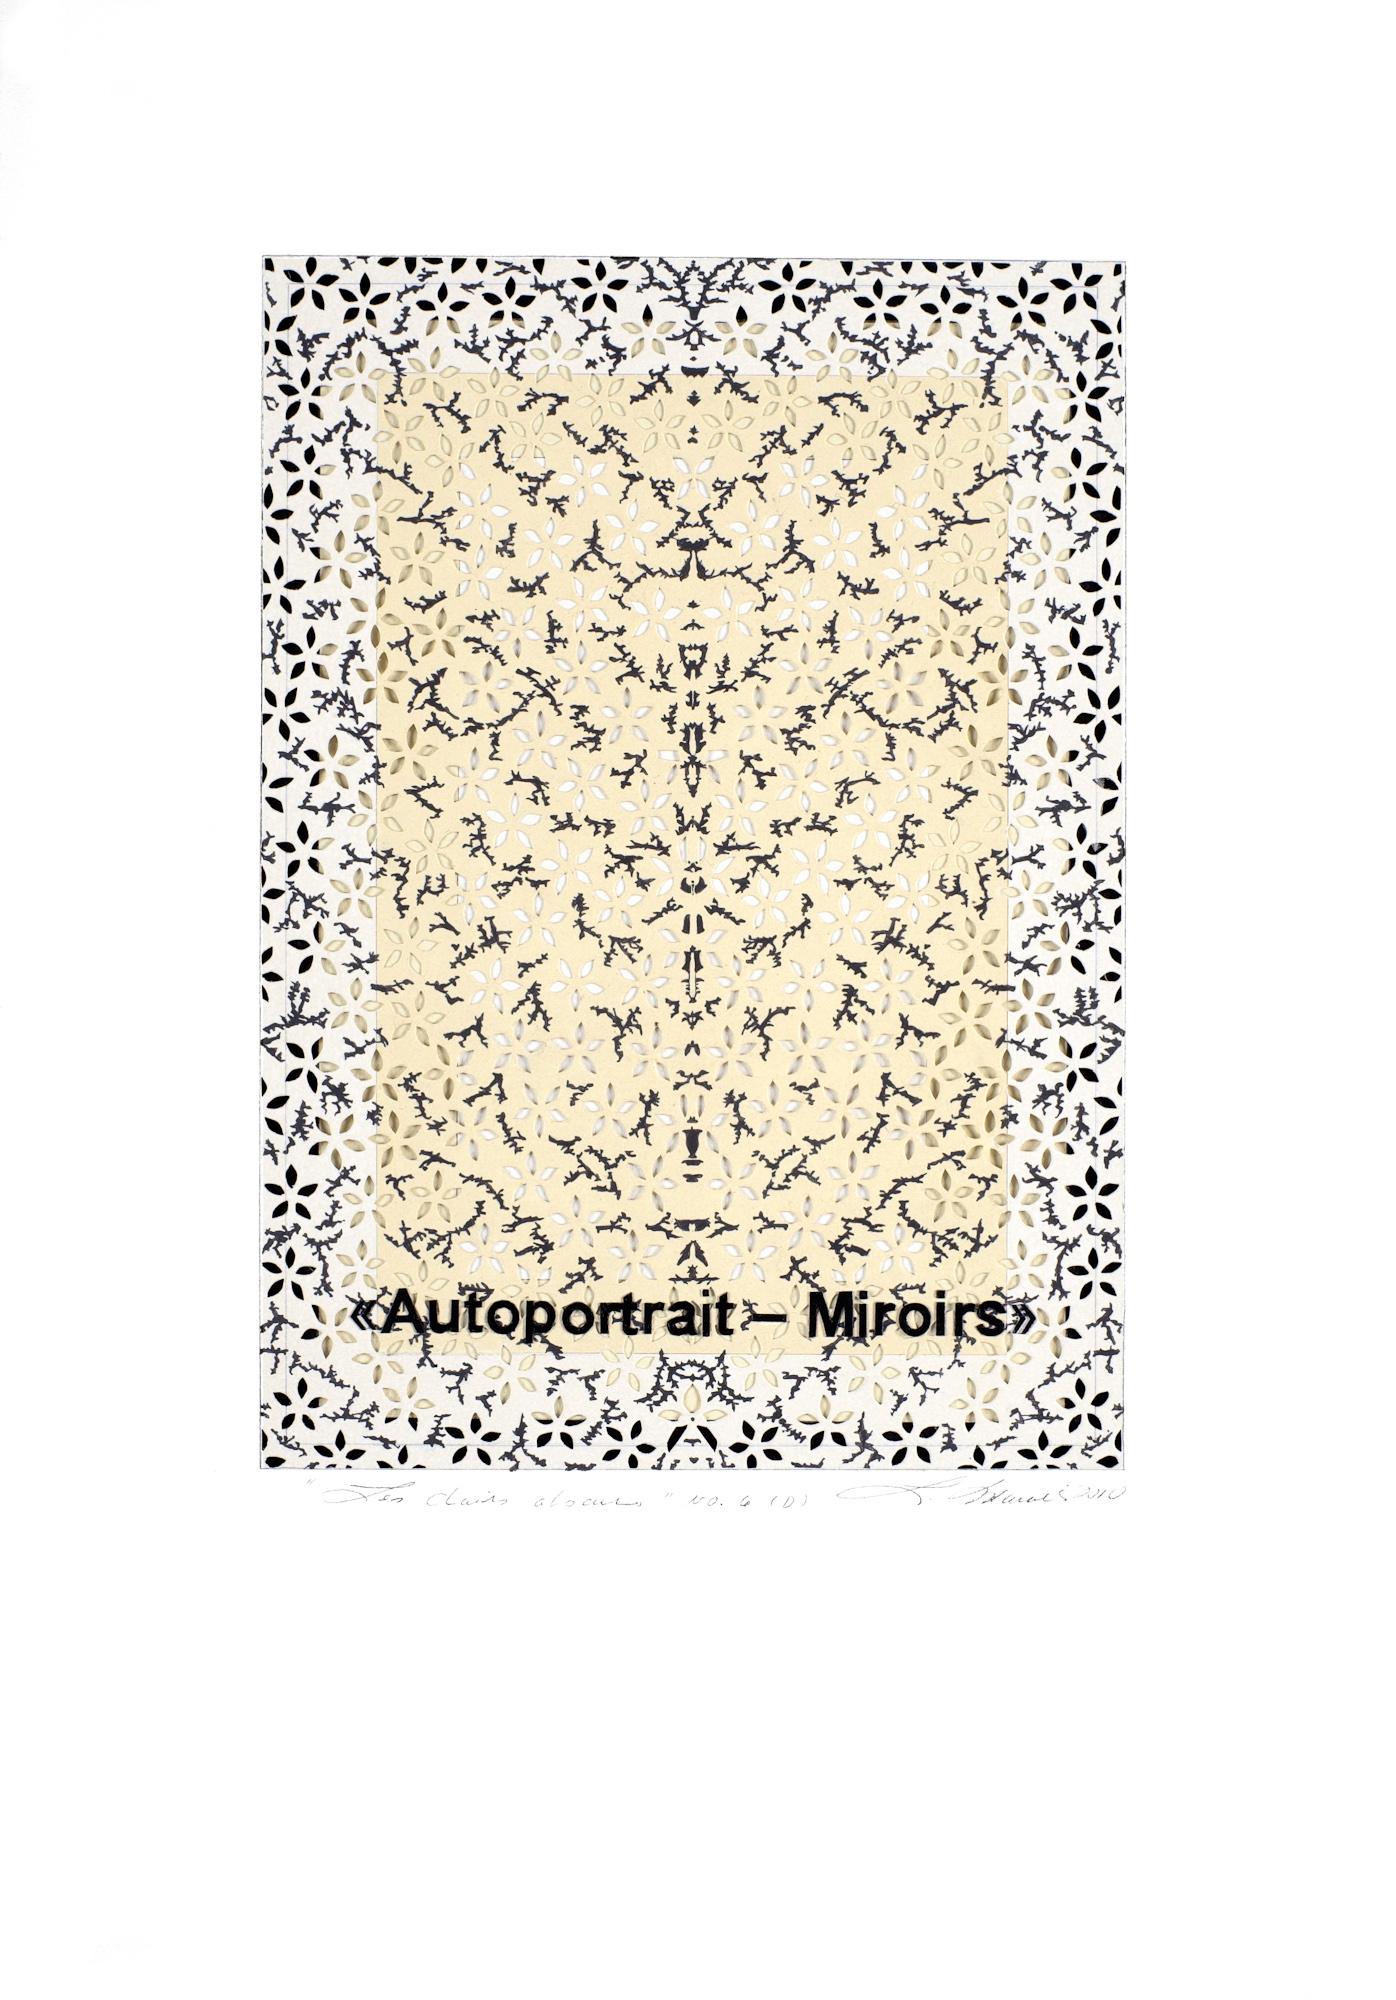 Les clairs-obscurs - Série D volet 6, 2010. Acrylique sur papier découpé, 42,5 x 30 cm.